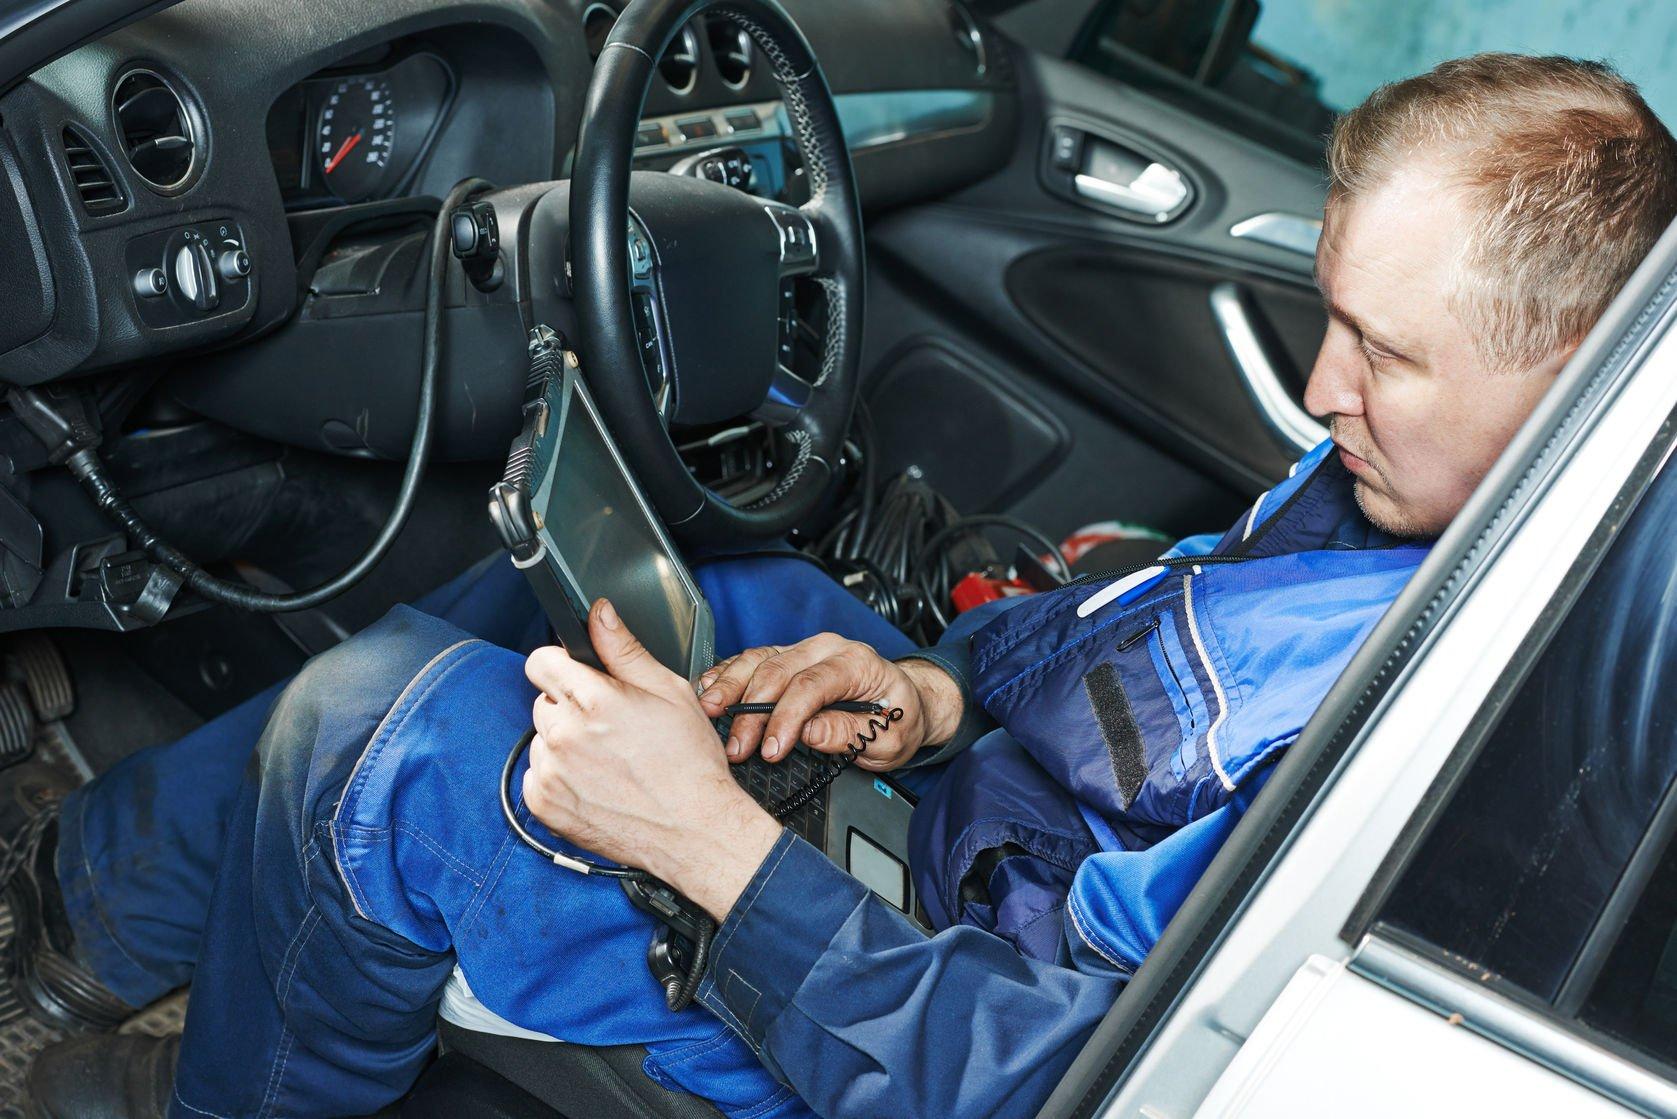 car service diagnostics